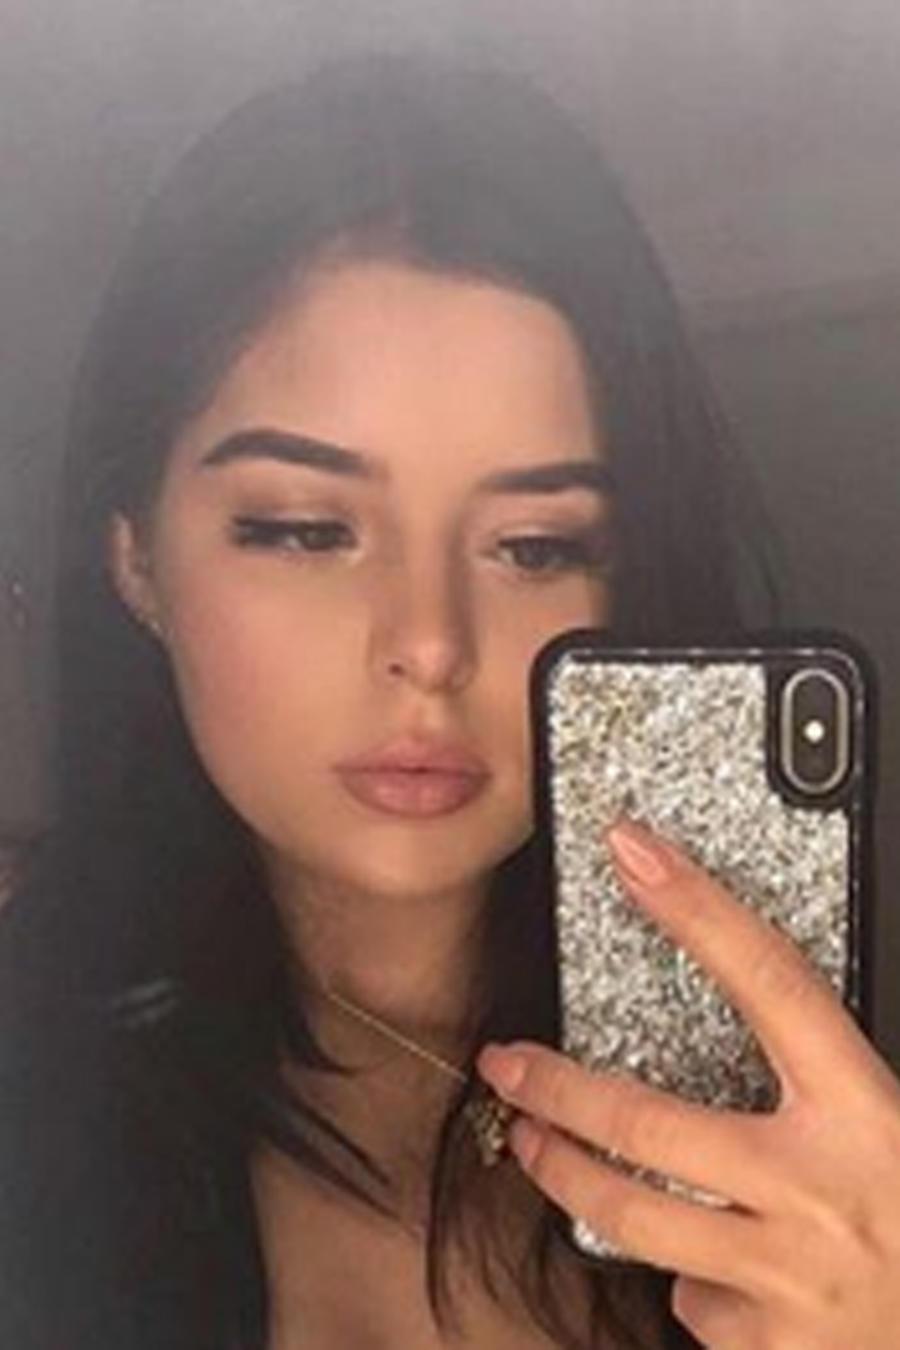 Demi Rose tomando una selfie en el espejo